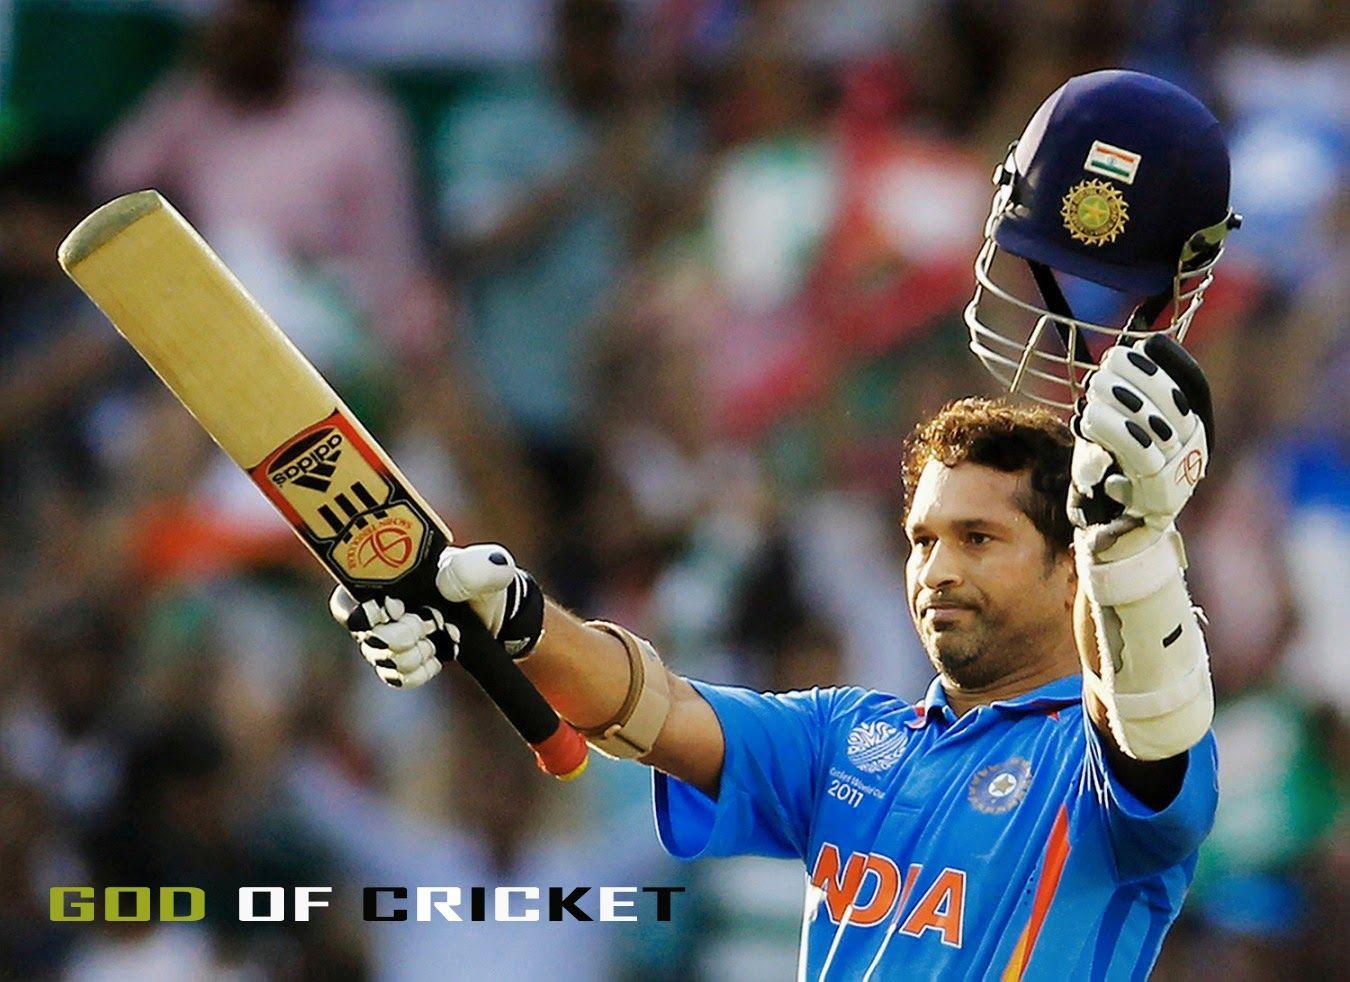 Wallpaper S Station Sachin Tendulkar Top Indian Batsman Hd Wallpaper 1920x1080 Cricket Cricketer For Mobil Sachin Tendulkar India Cricket Team Cricket